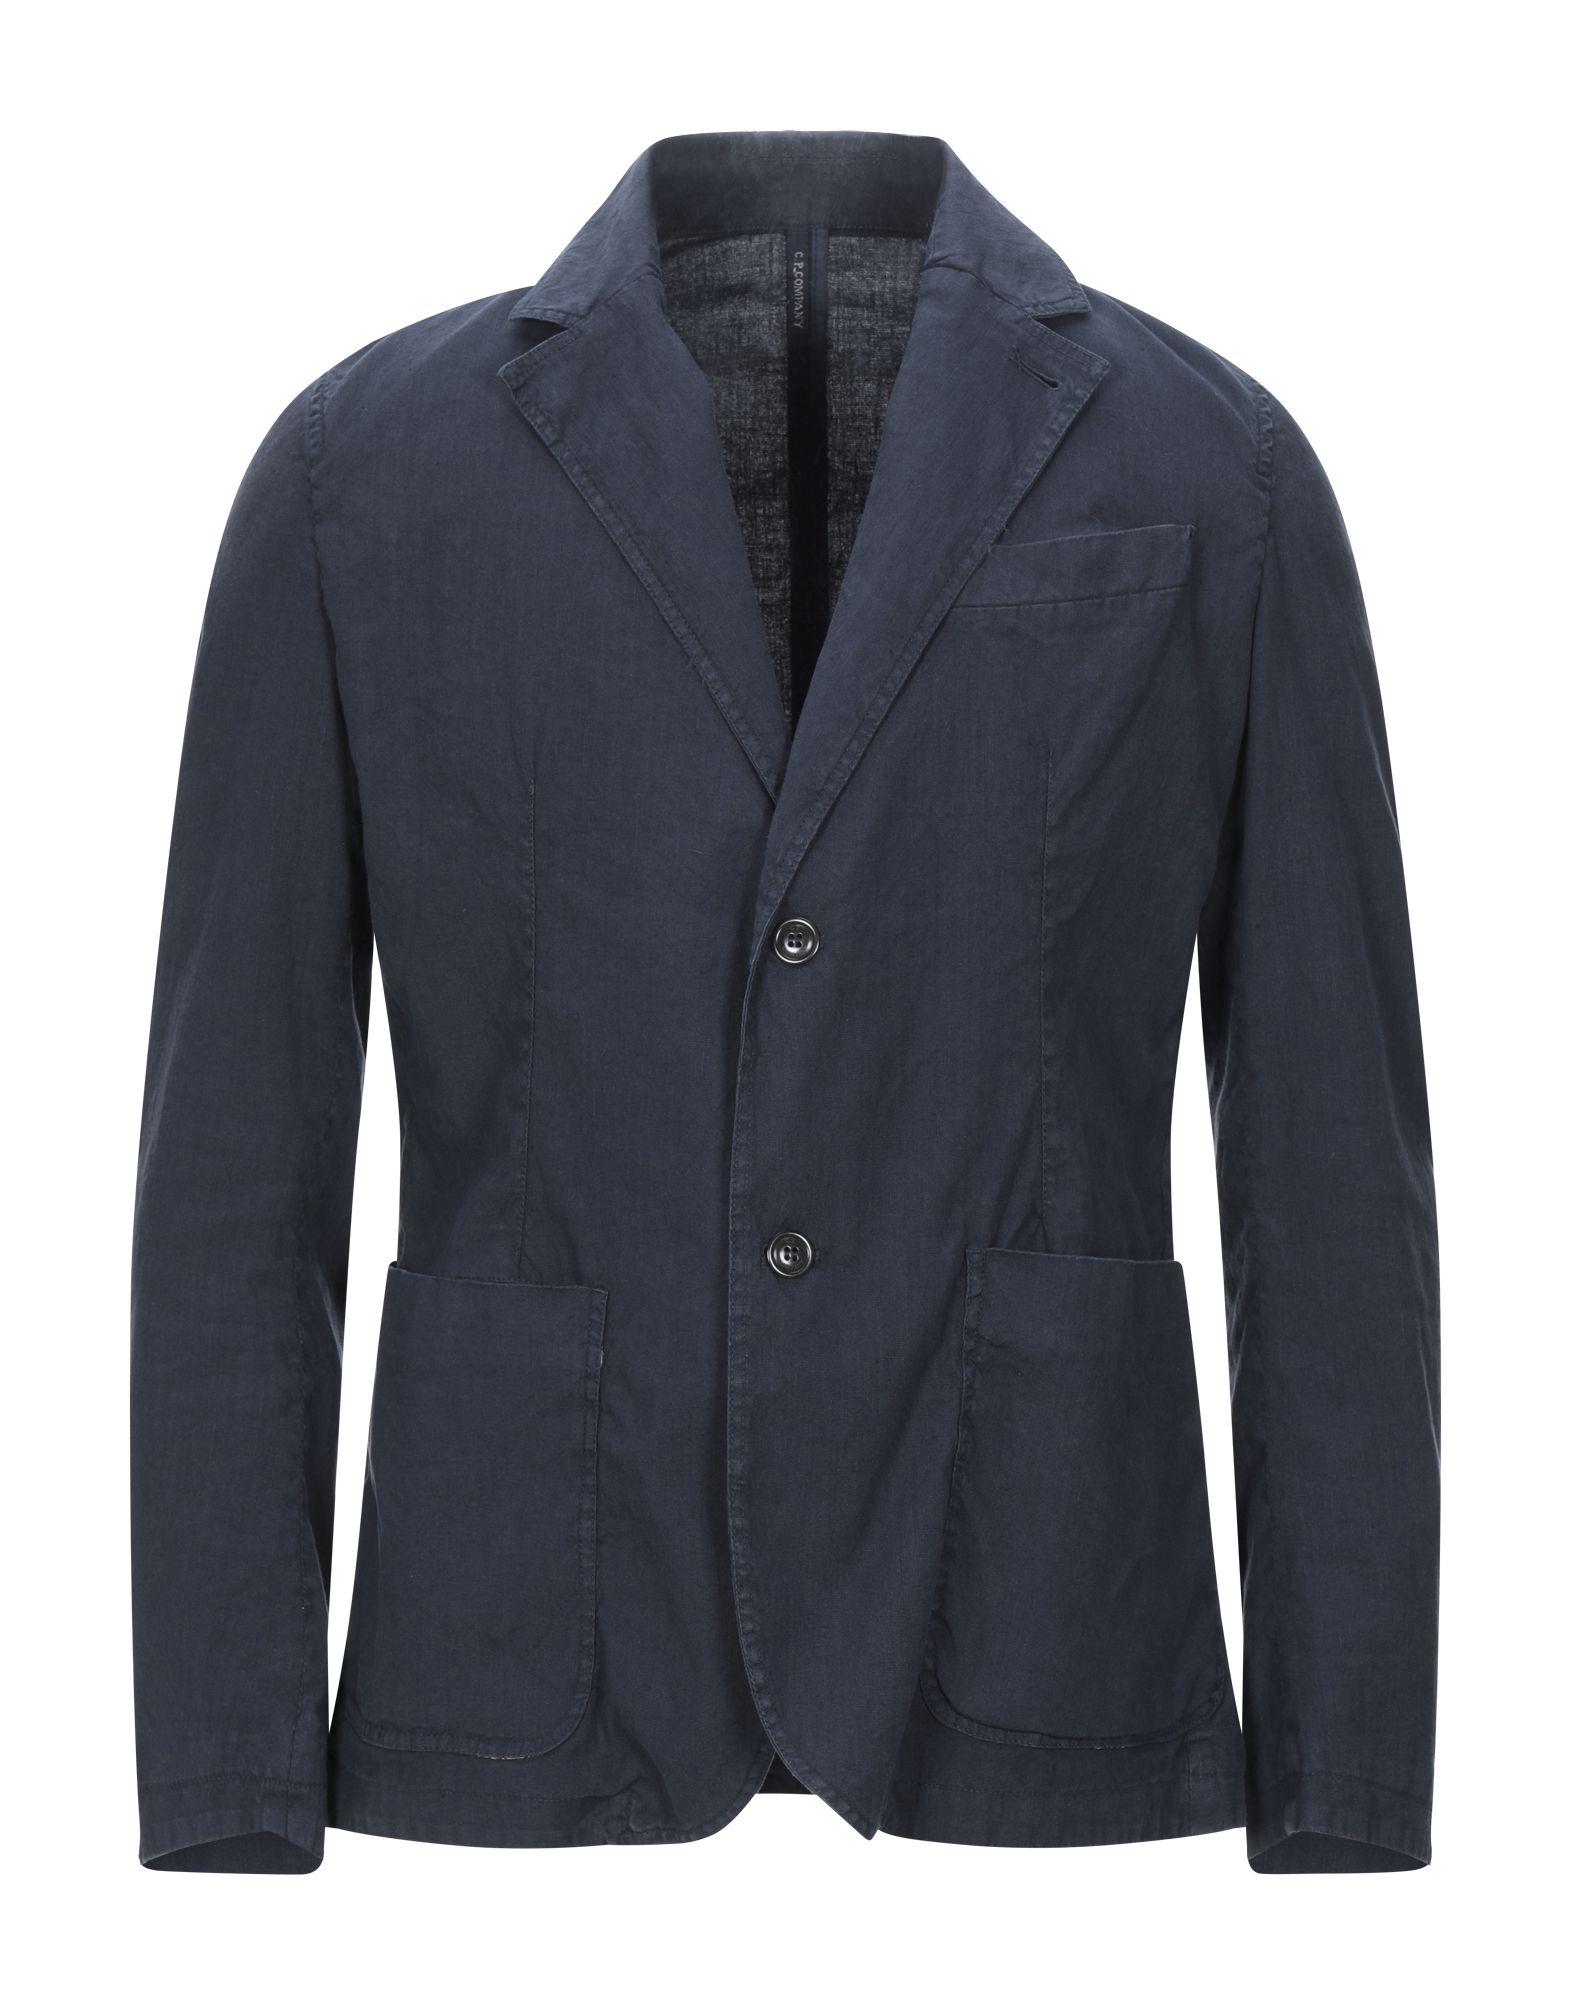 C.P. COMPANY Suit jackets - Item 49549093